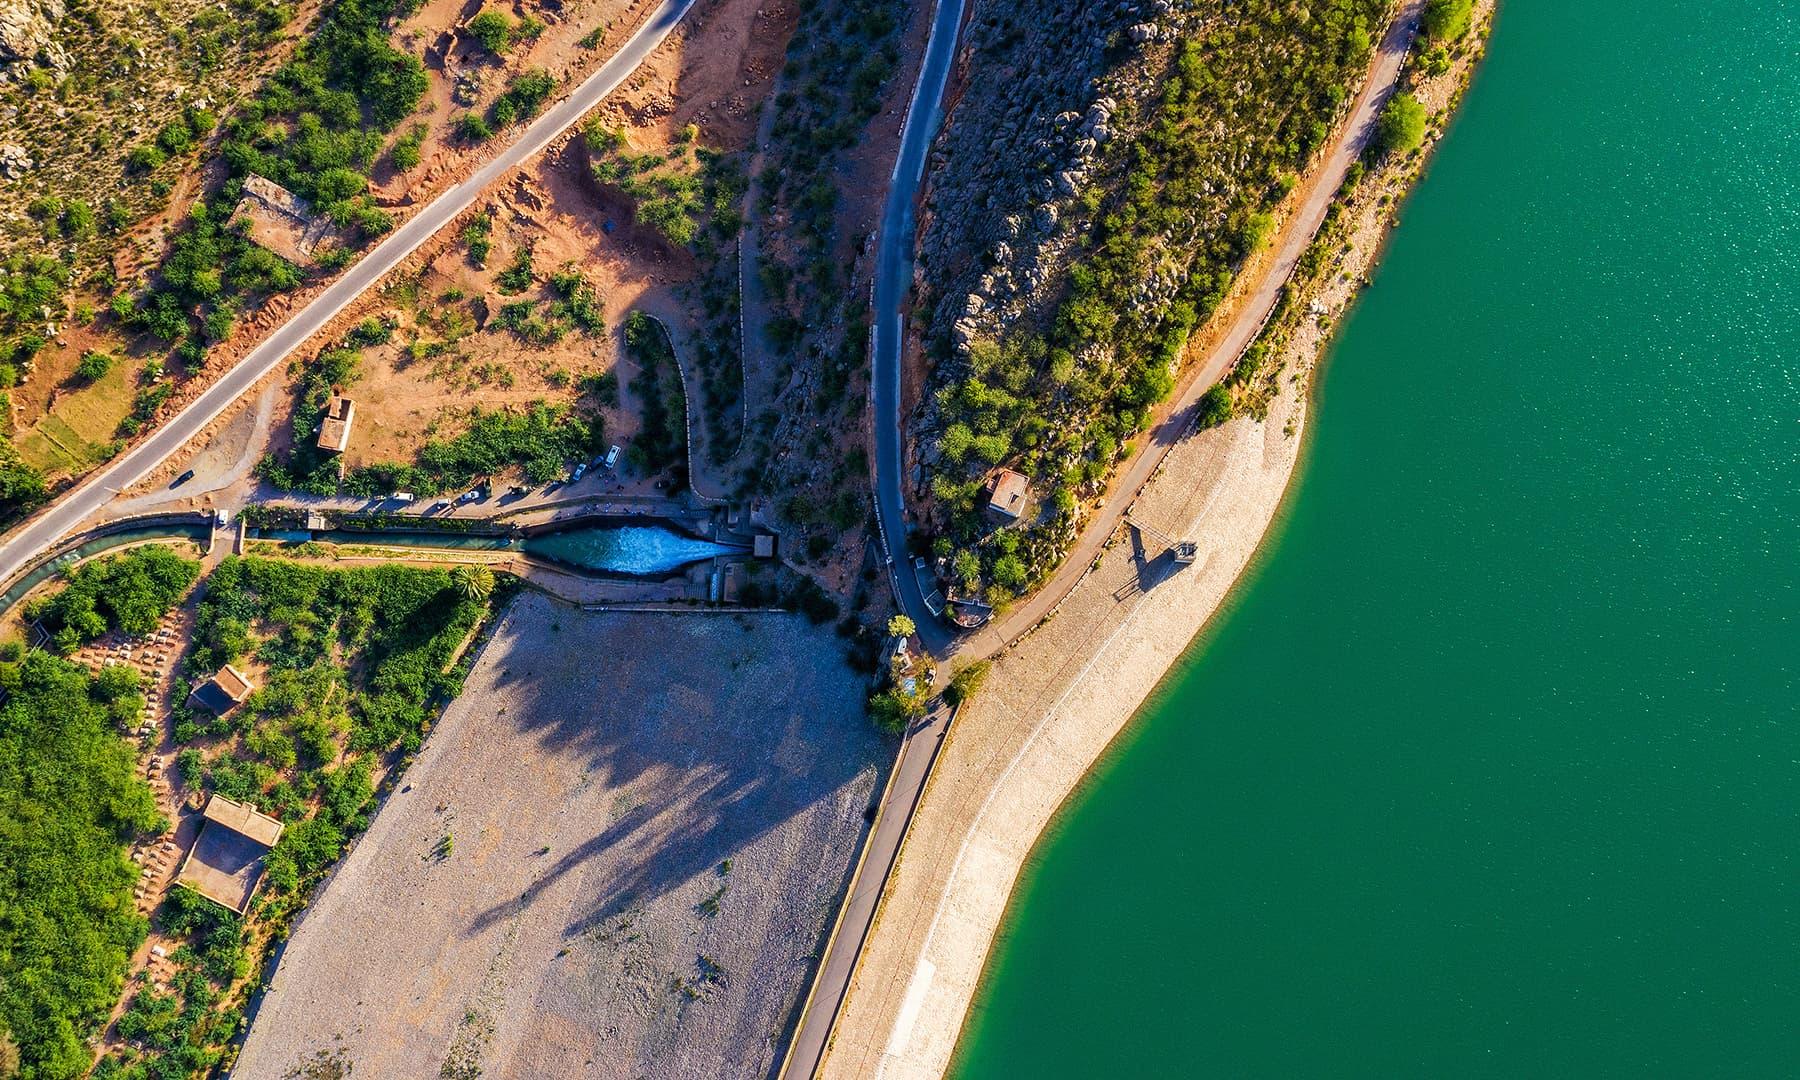 یہ ڈیم بارانی پانی کو ذخیرہ کرکے کھیتوں کو سیراب کرنے کی خاطر بنایا گیا